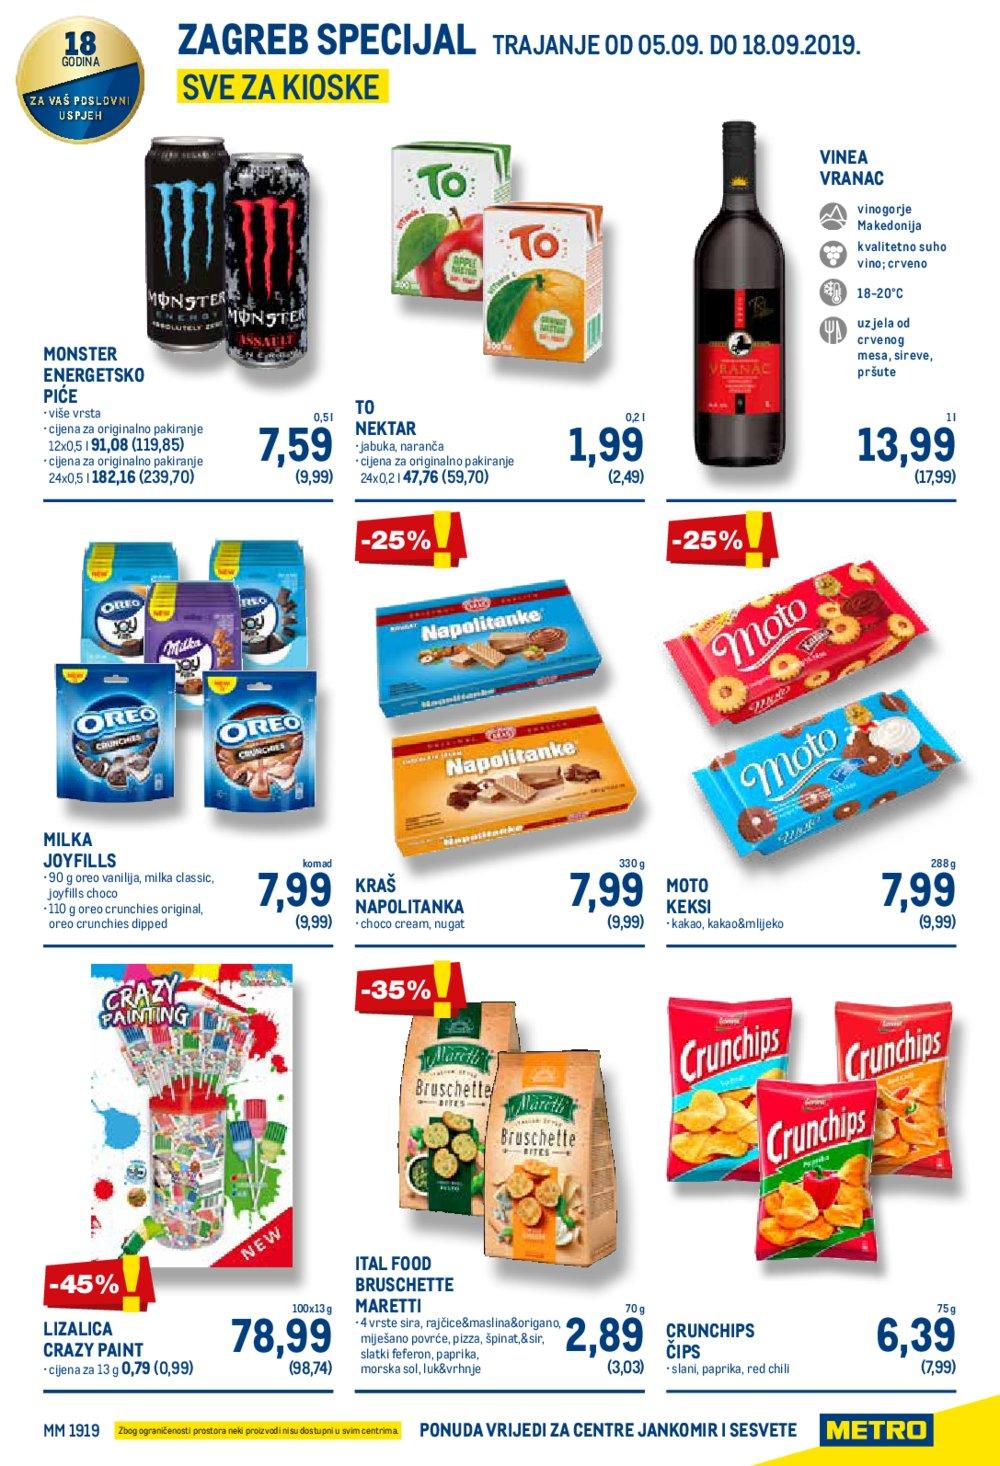 Metro katalog Posebna ponuda prehrane Jankomir, Sesvete 05.09.-18.09.2019.